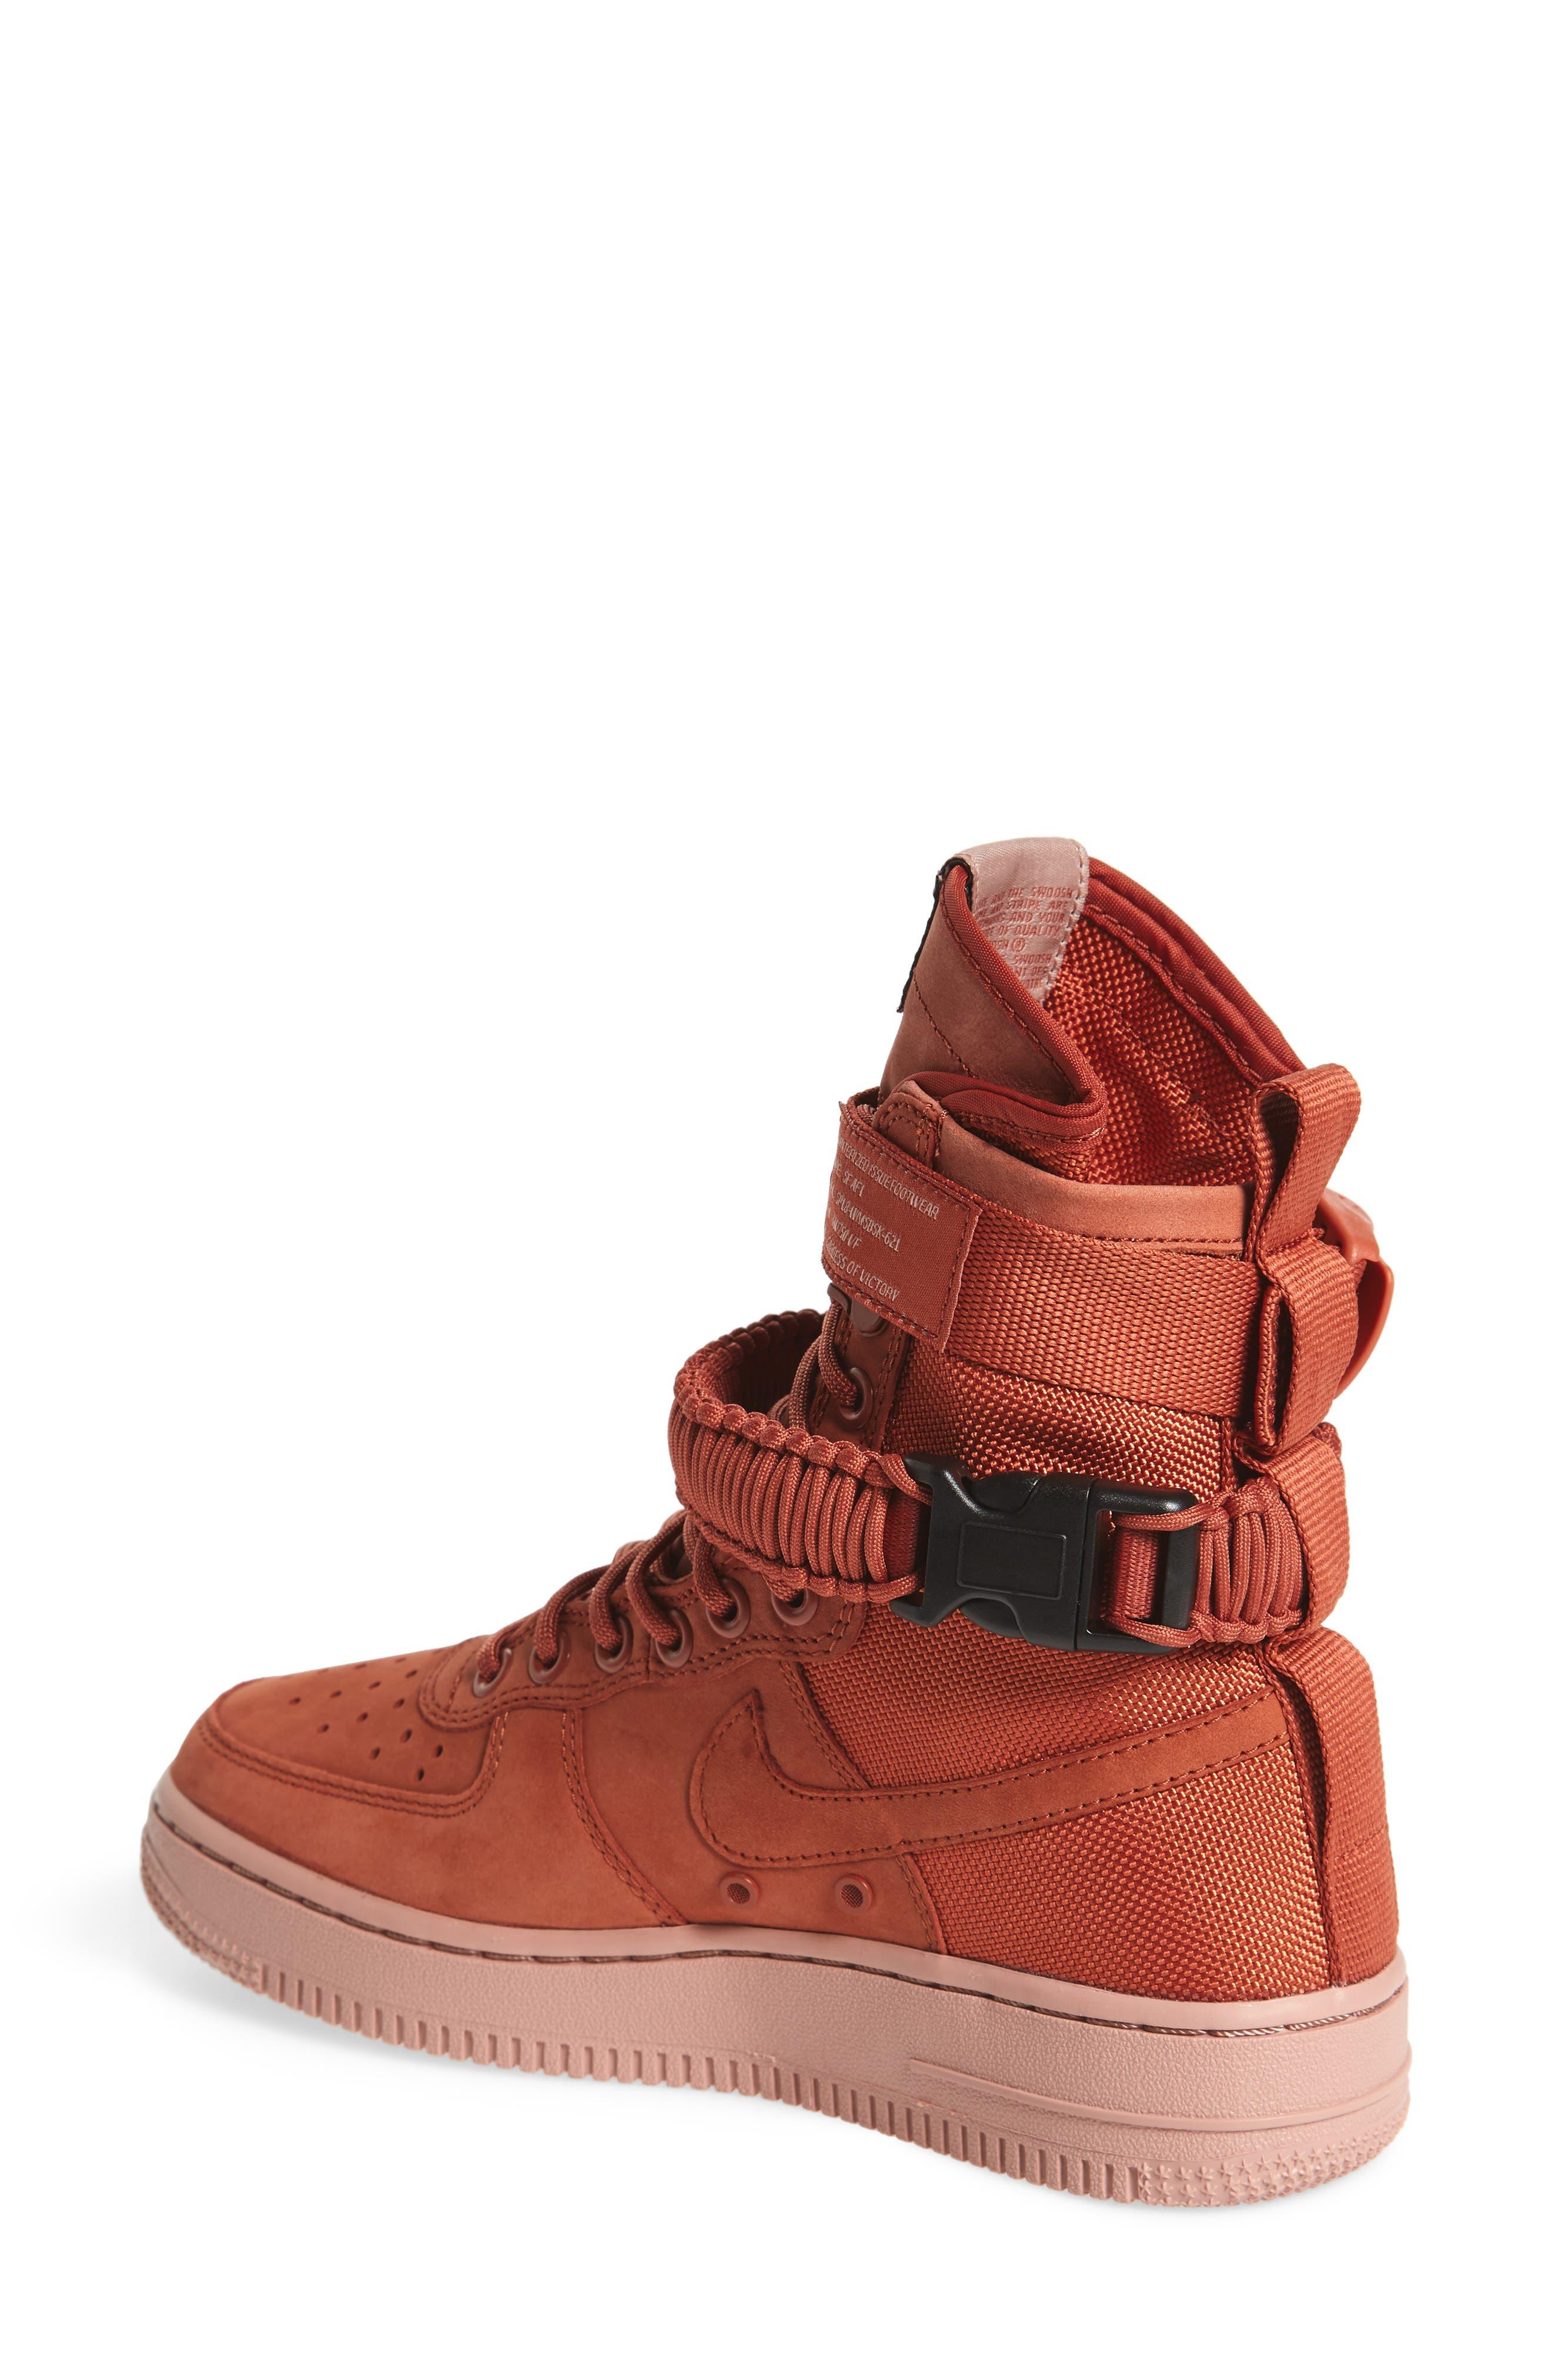 SF Air Force 1 High Top Sneaker,                             Alternate thumbnail 2, color,                             Dusty Peach/ Dusty Peach